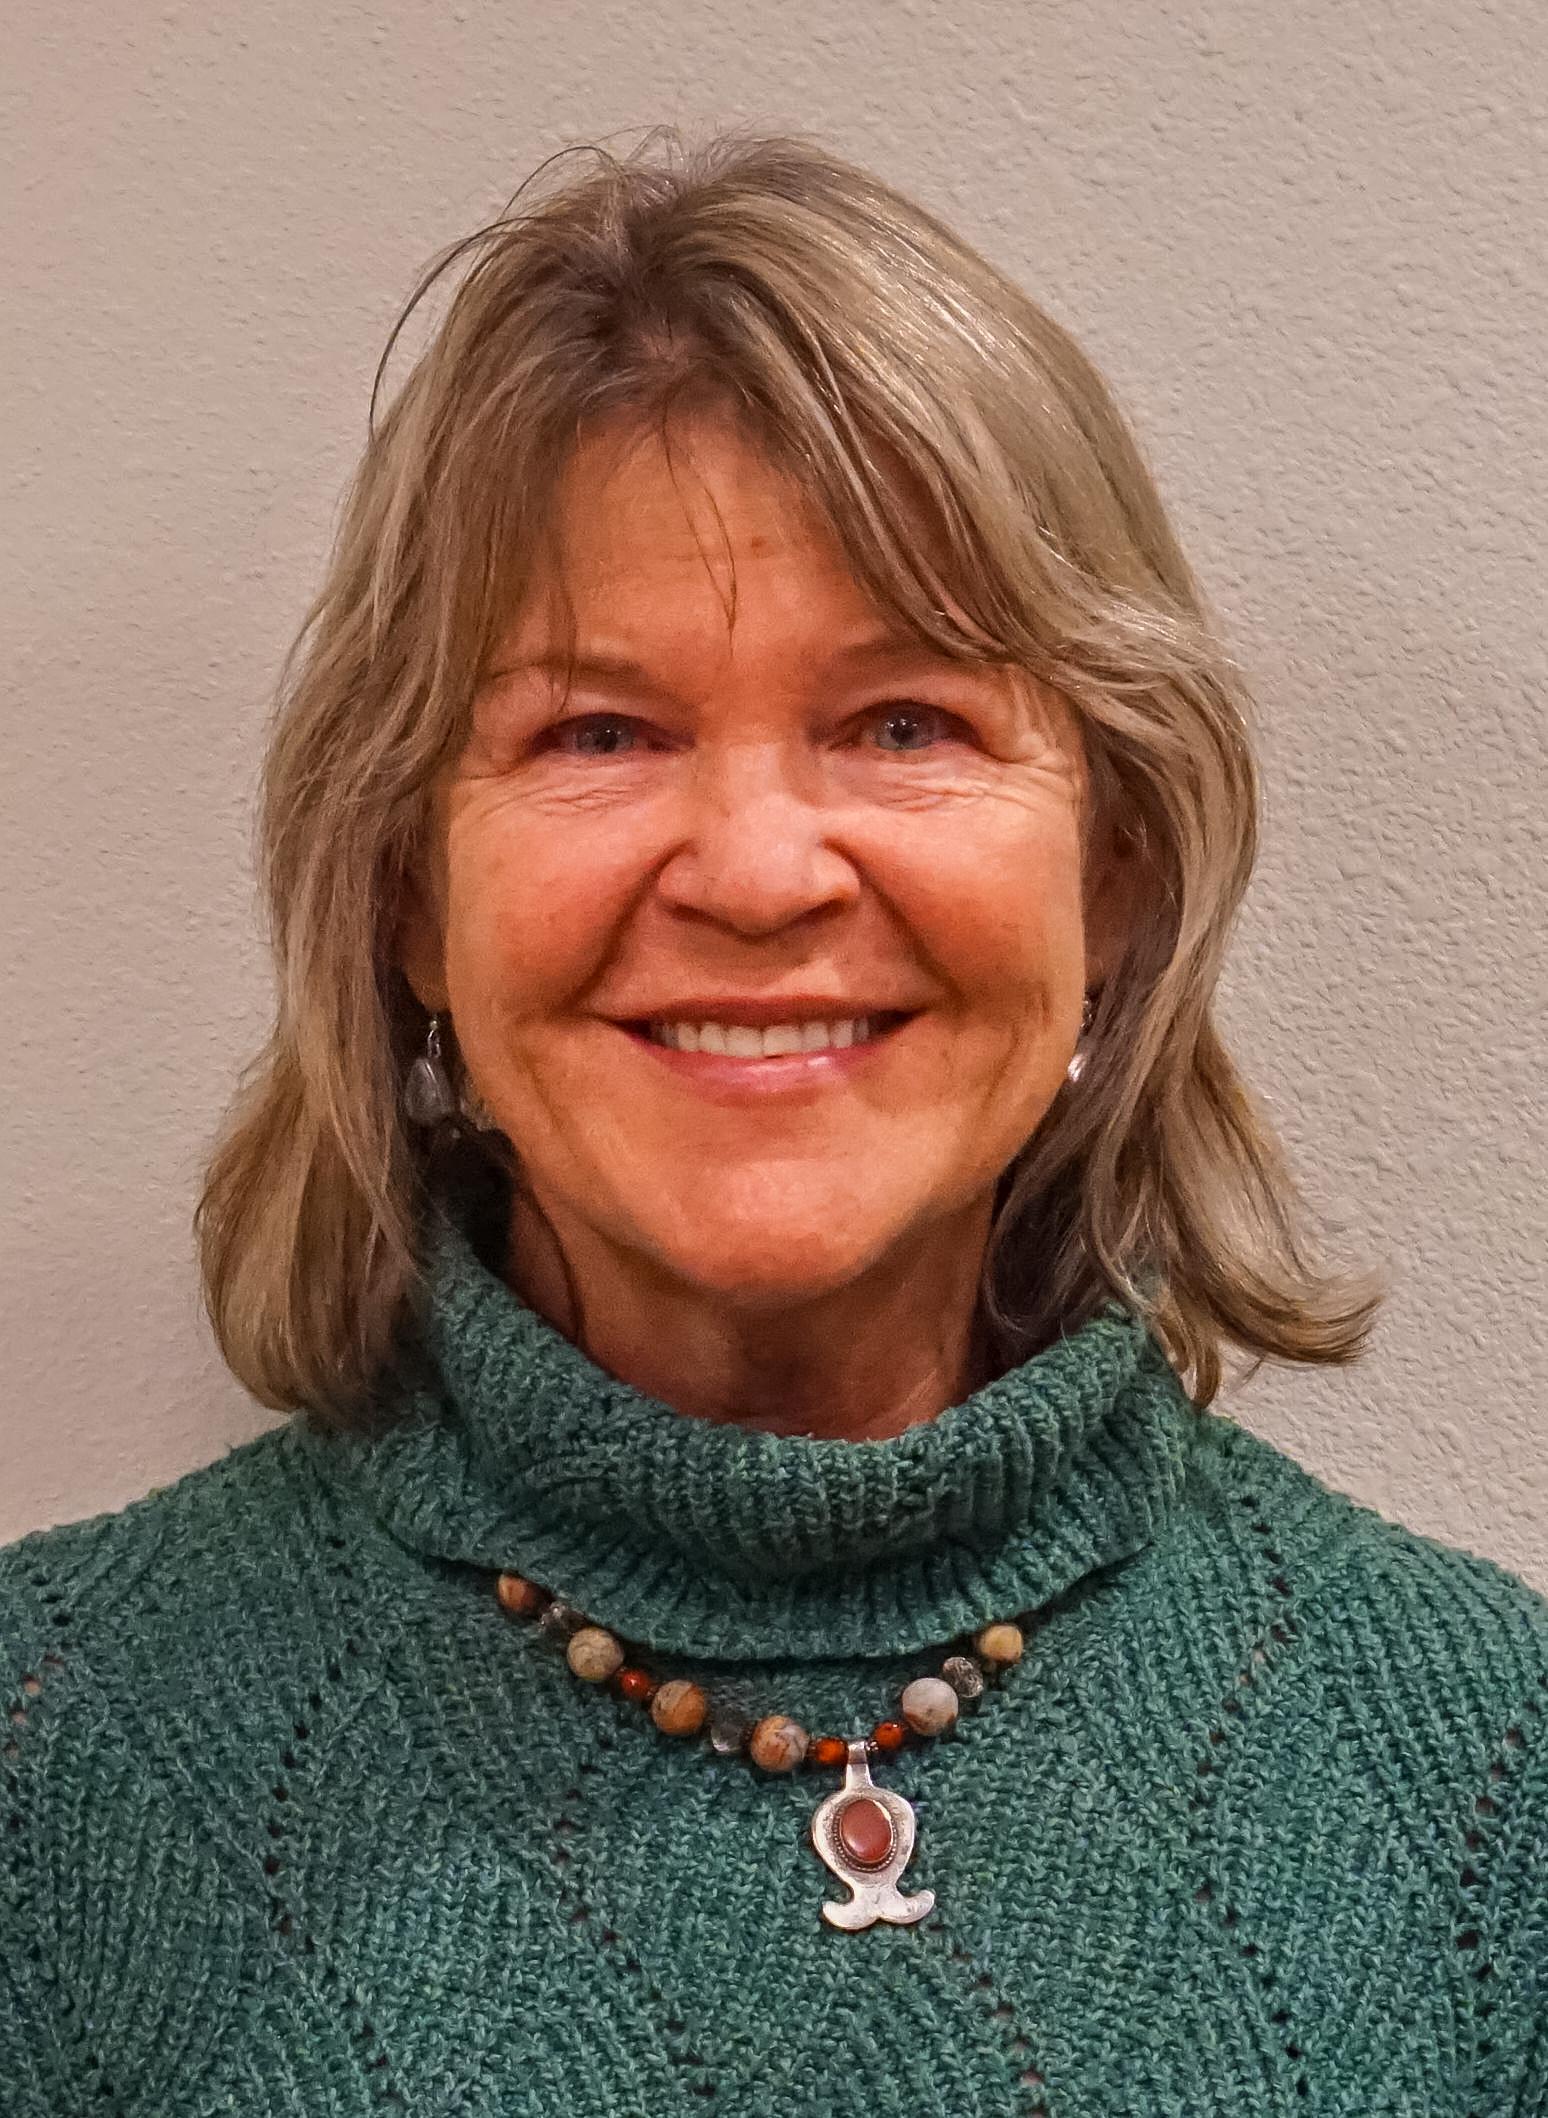 Frances Hartogh